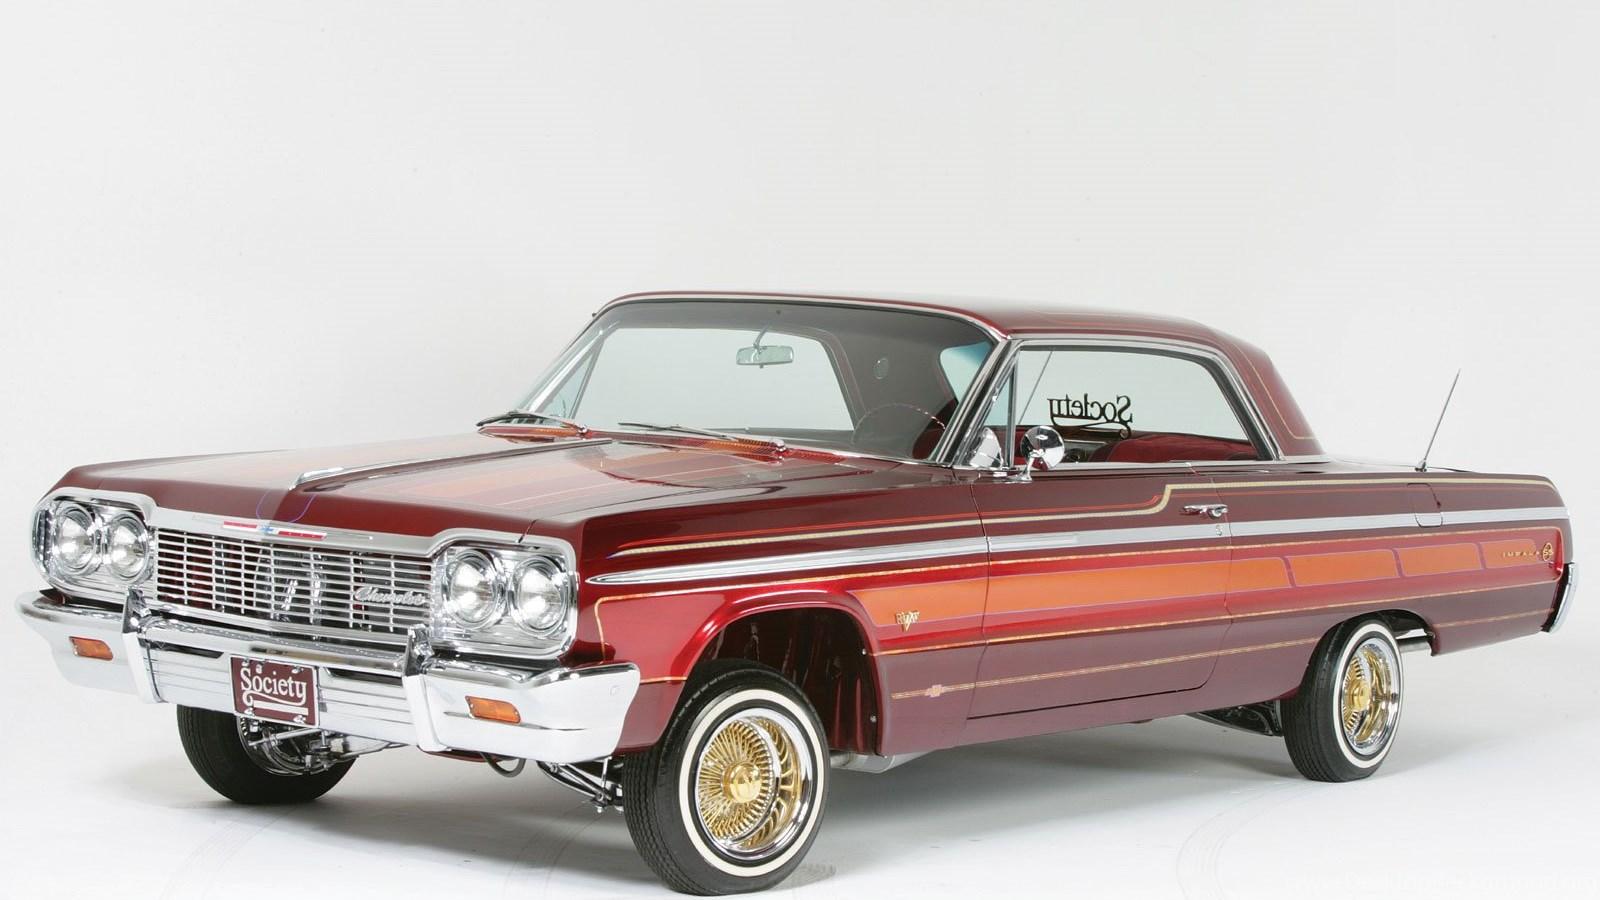 Kekurangan Chevrolet Impala 64 Perbandingan Harga